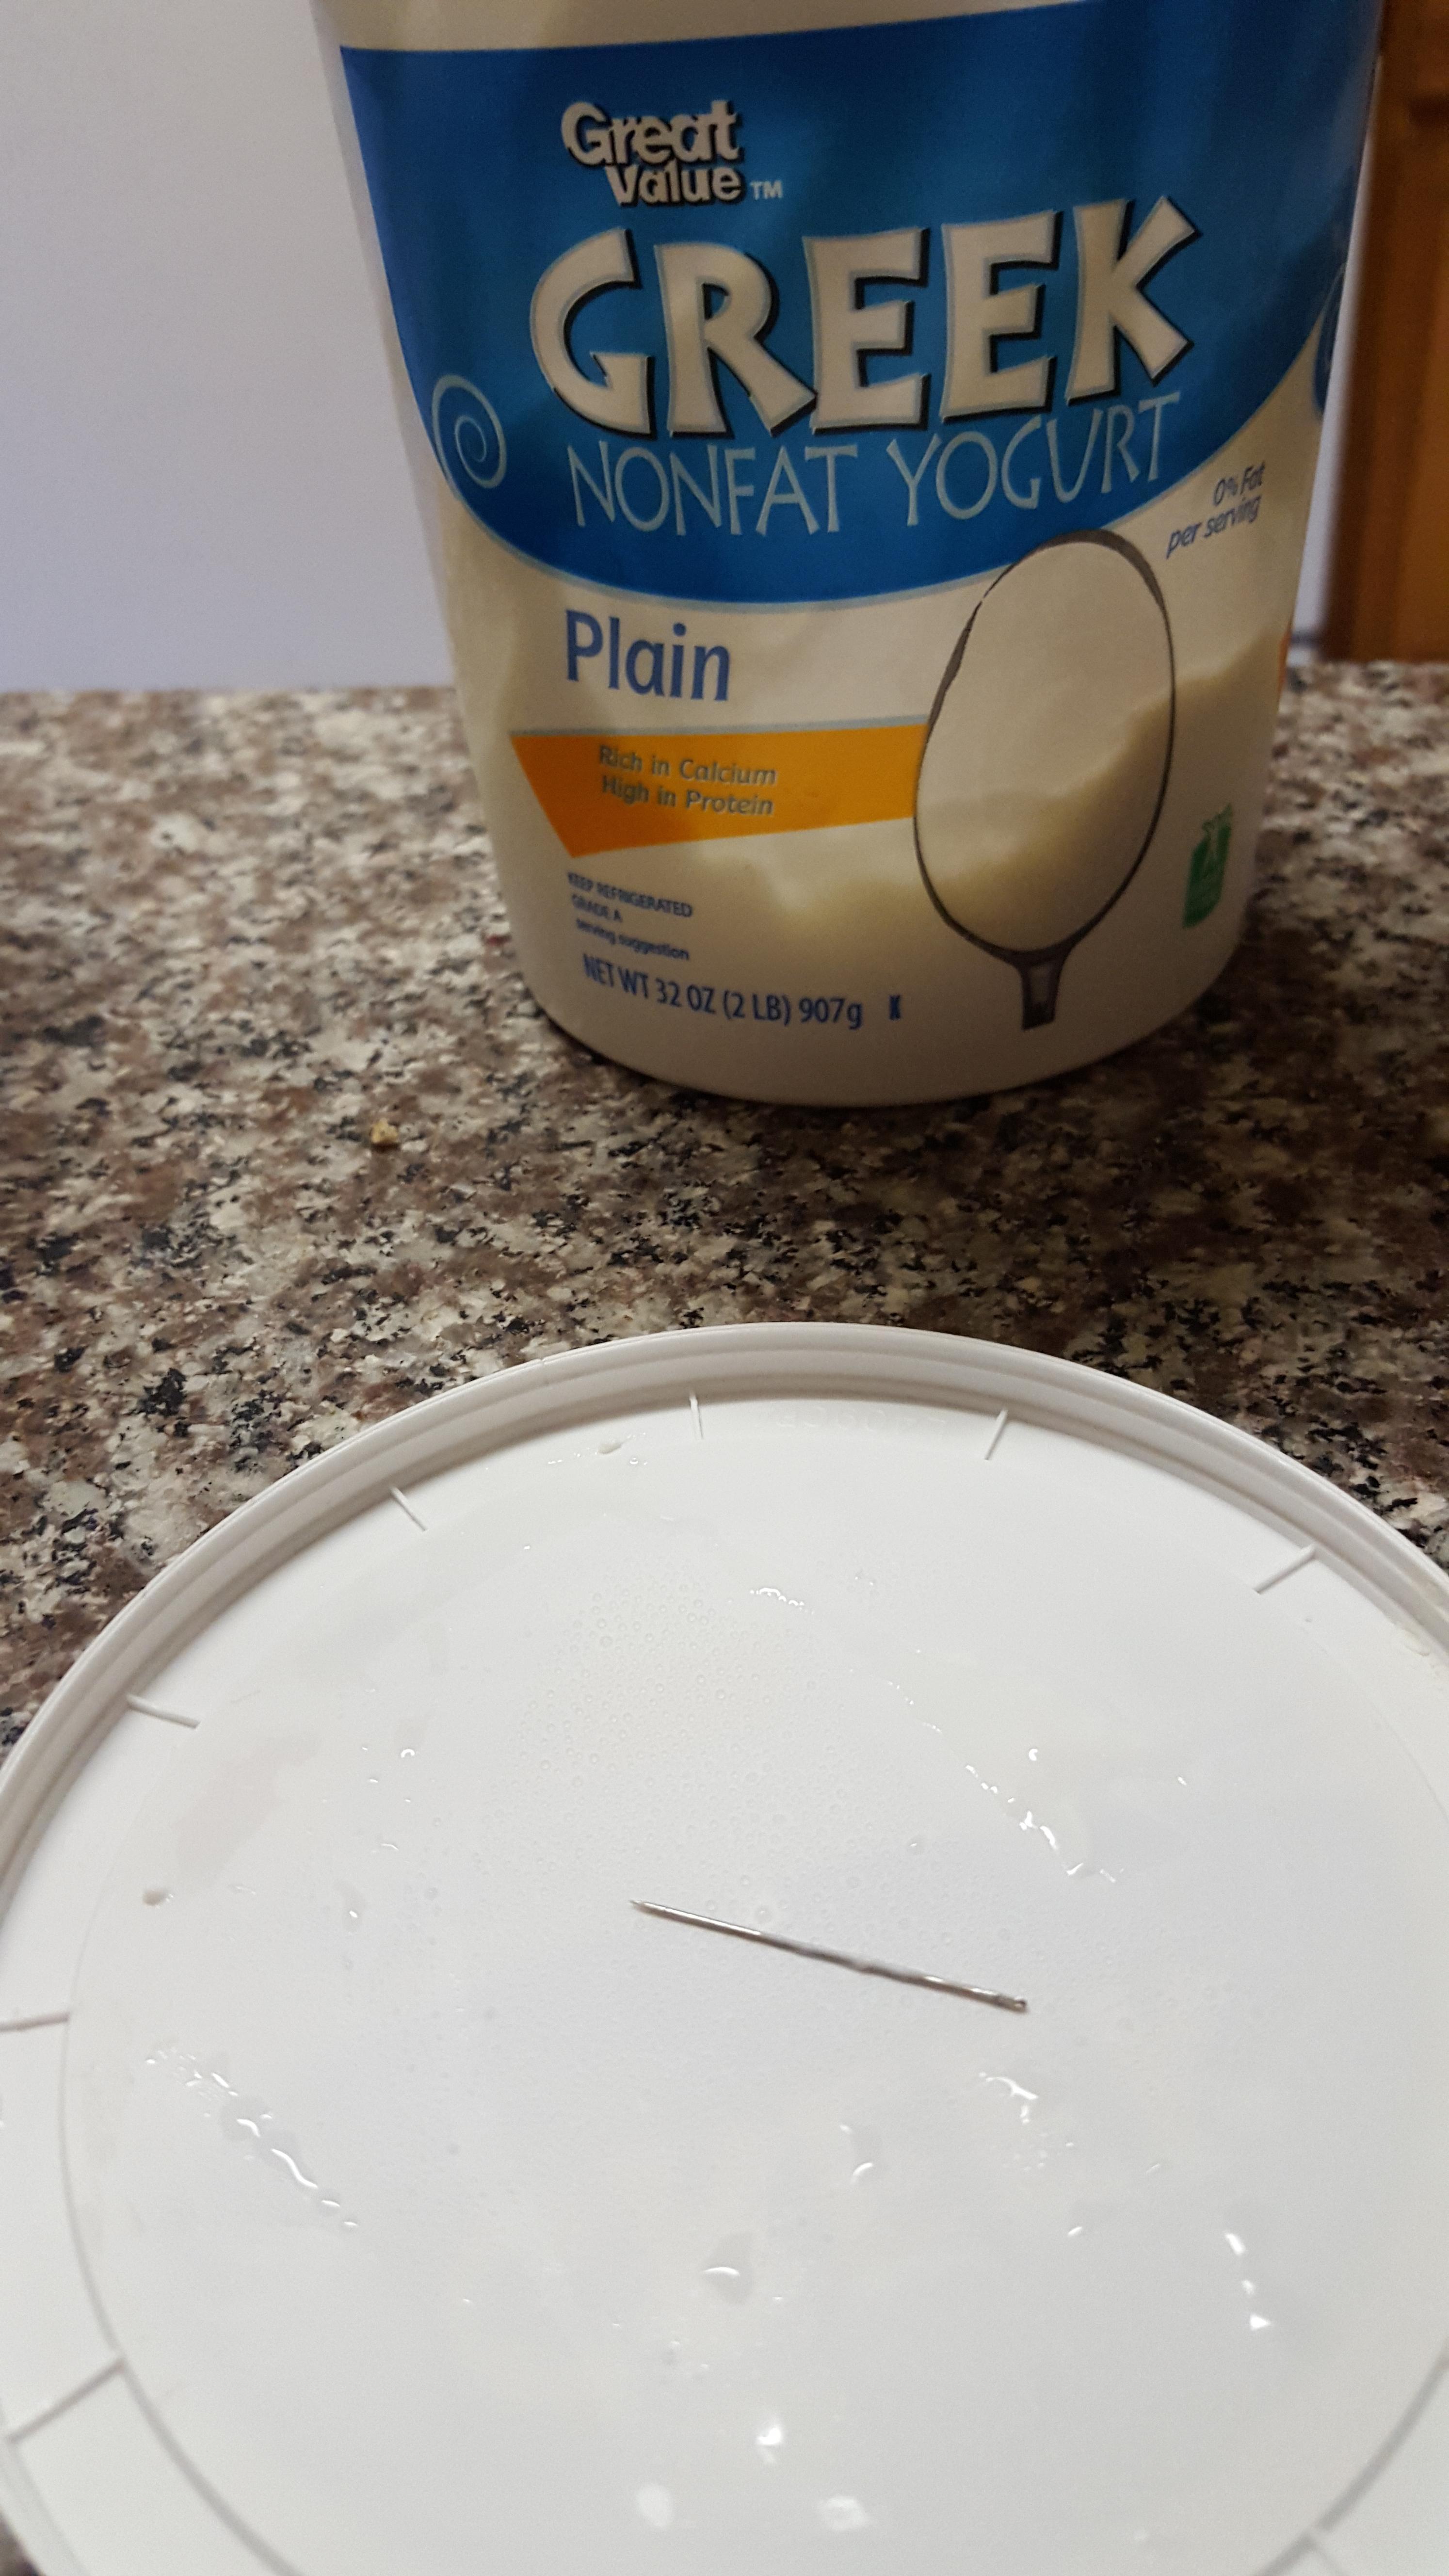 21 - Someone found a needle in their yogurt.